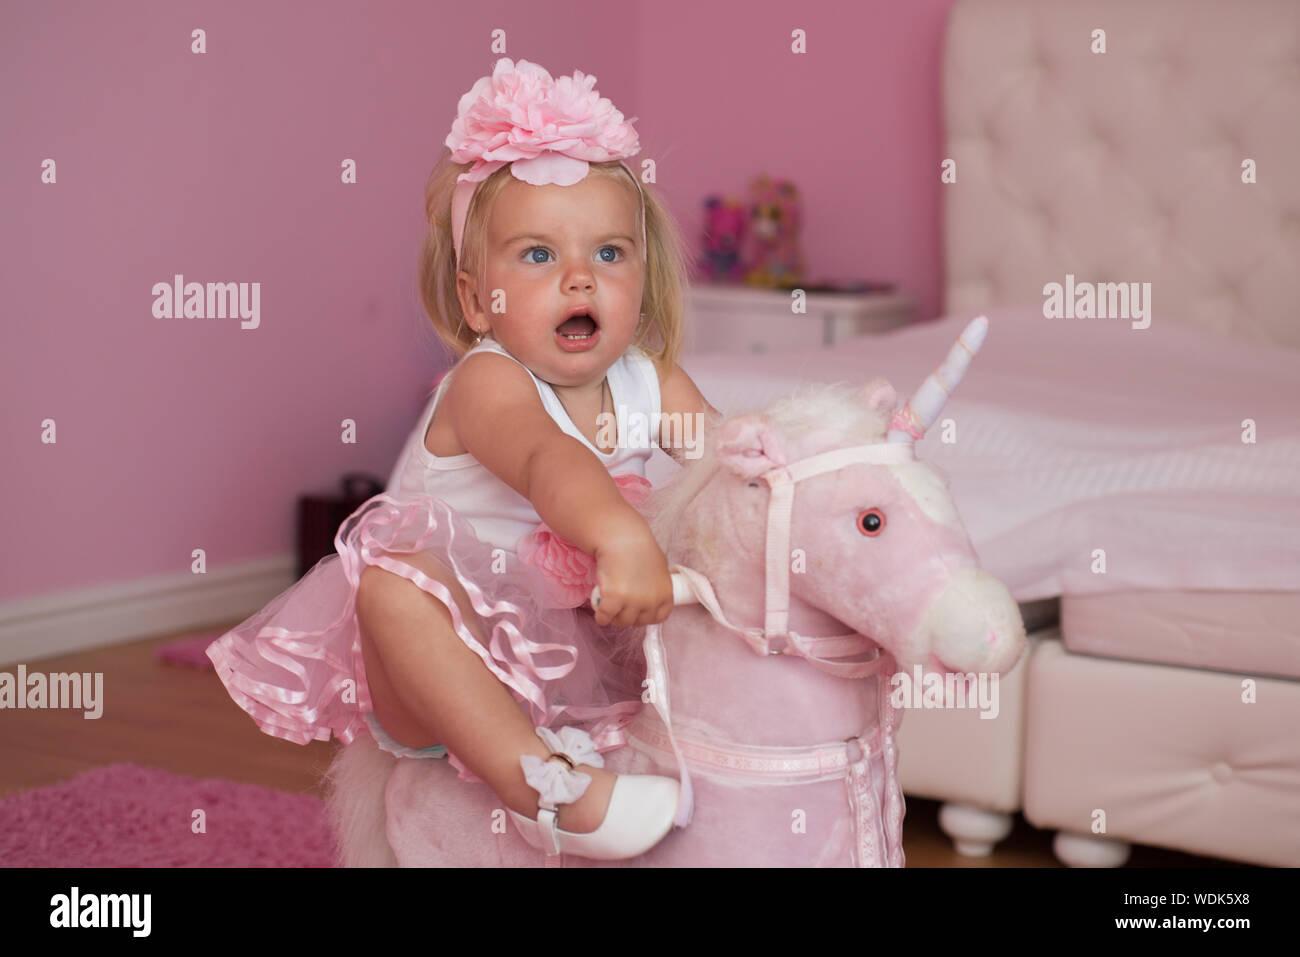 Auf Ihrem Weg Zu Dreamland Kleinkind Frisur Für Mädchen